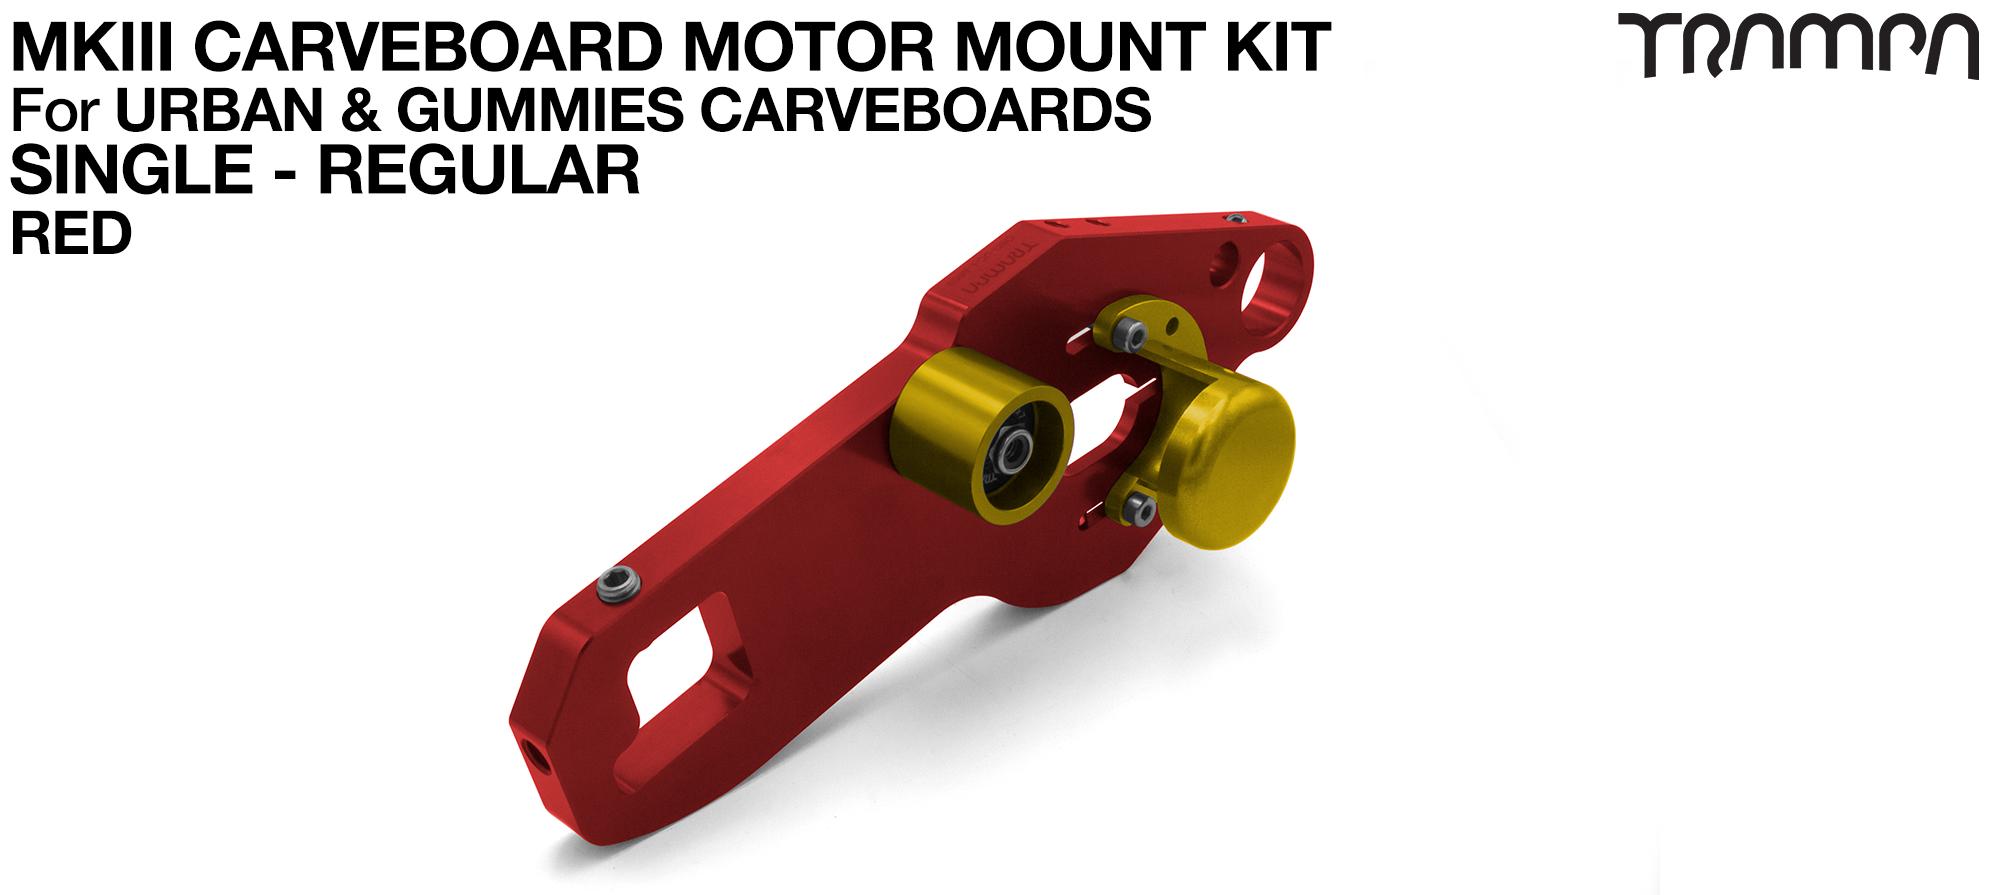 TRAMPA MkIII CARVE BOARD Motor Mount Kit - SINGLE RED